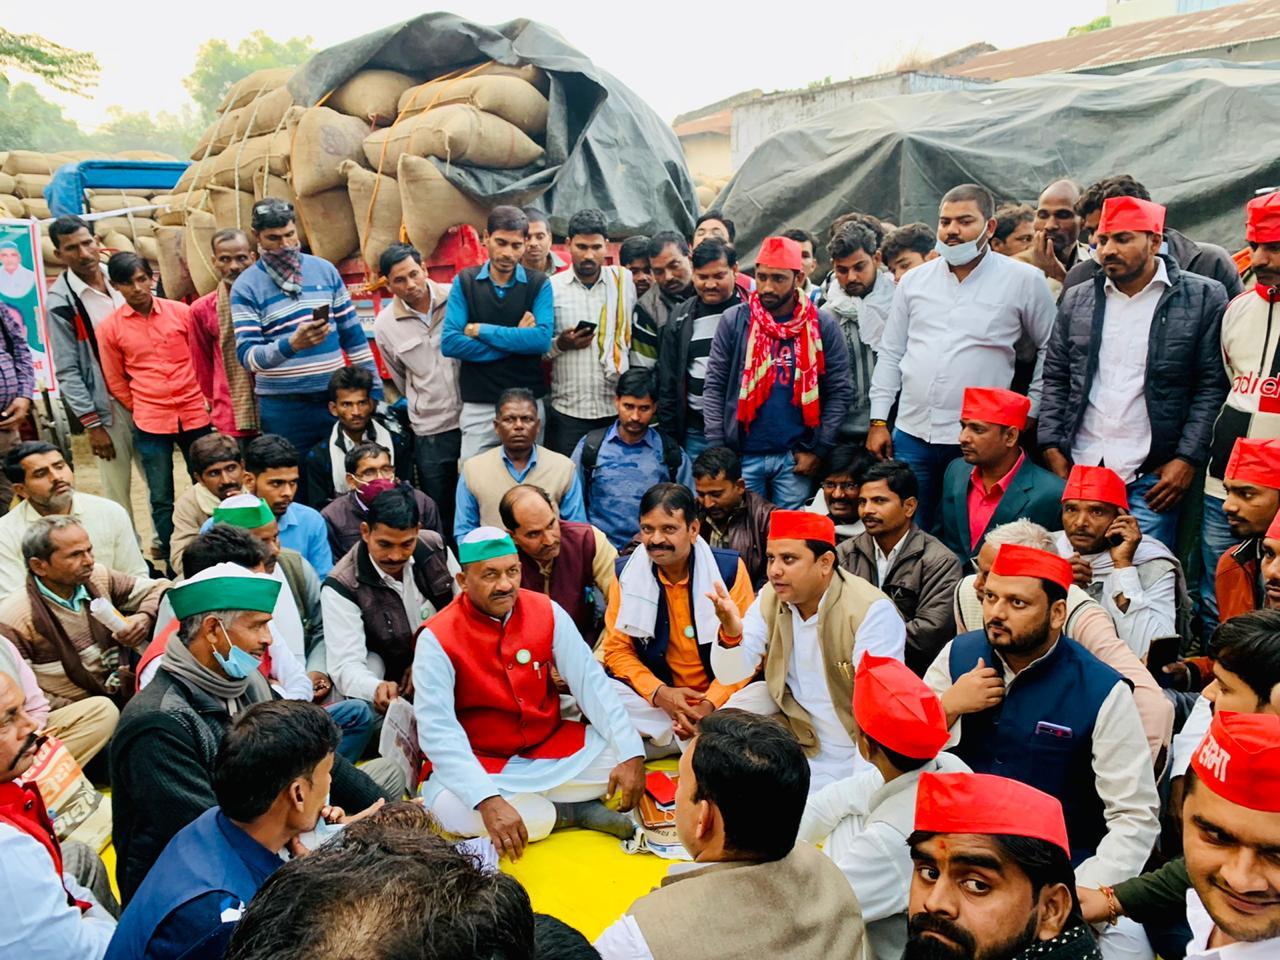 बाराबंकी किसानों के समर्थन में पहुंचे सपा एमएलसी राजेश यादव राजू